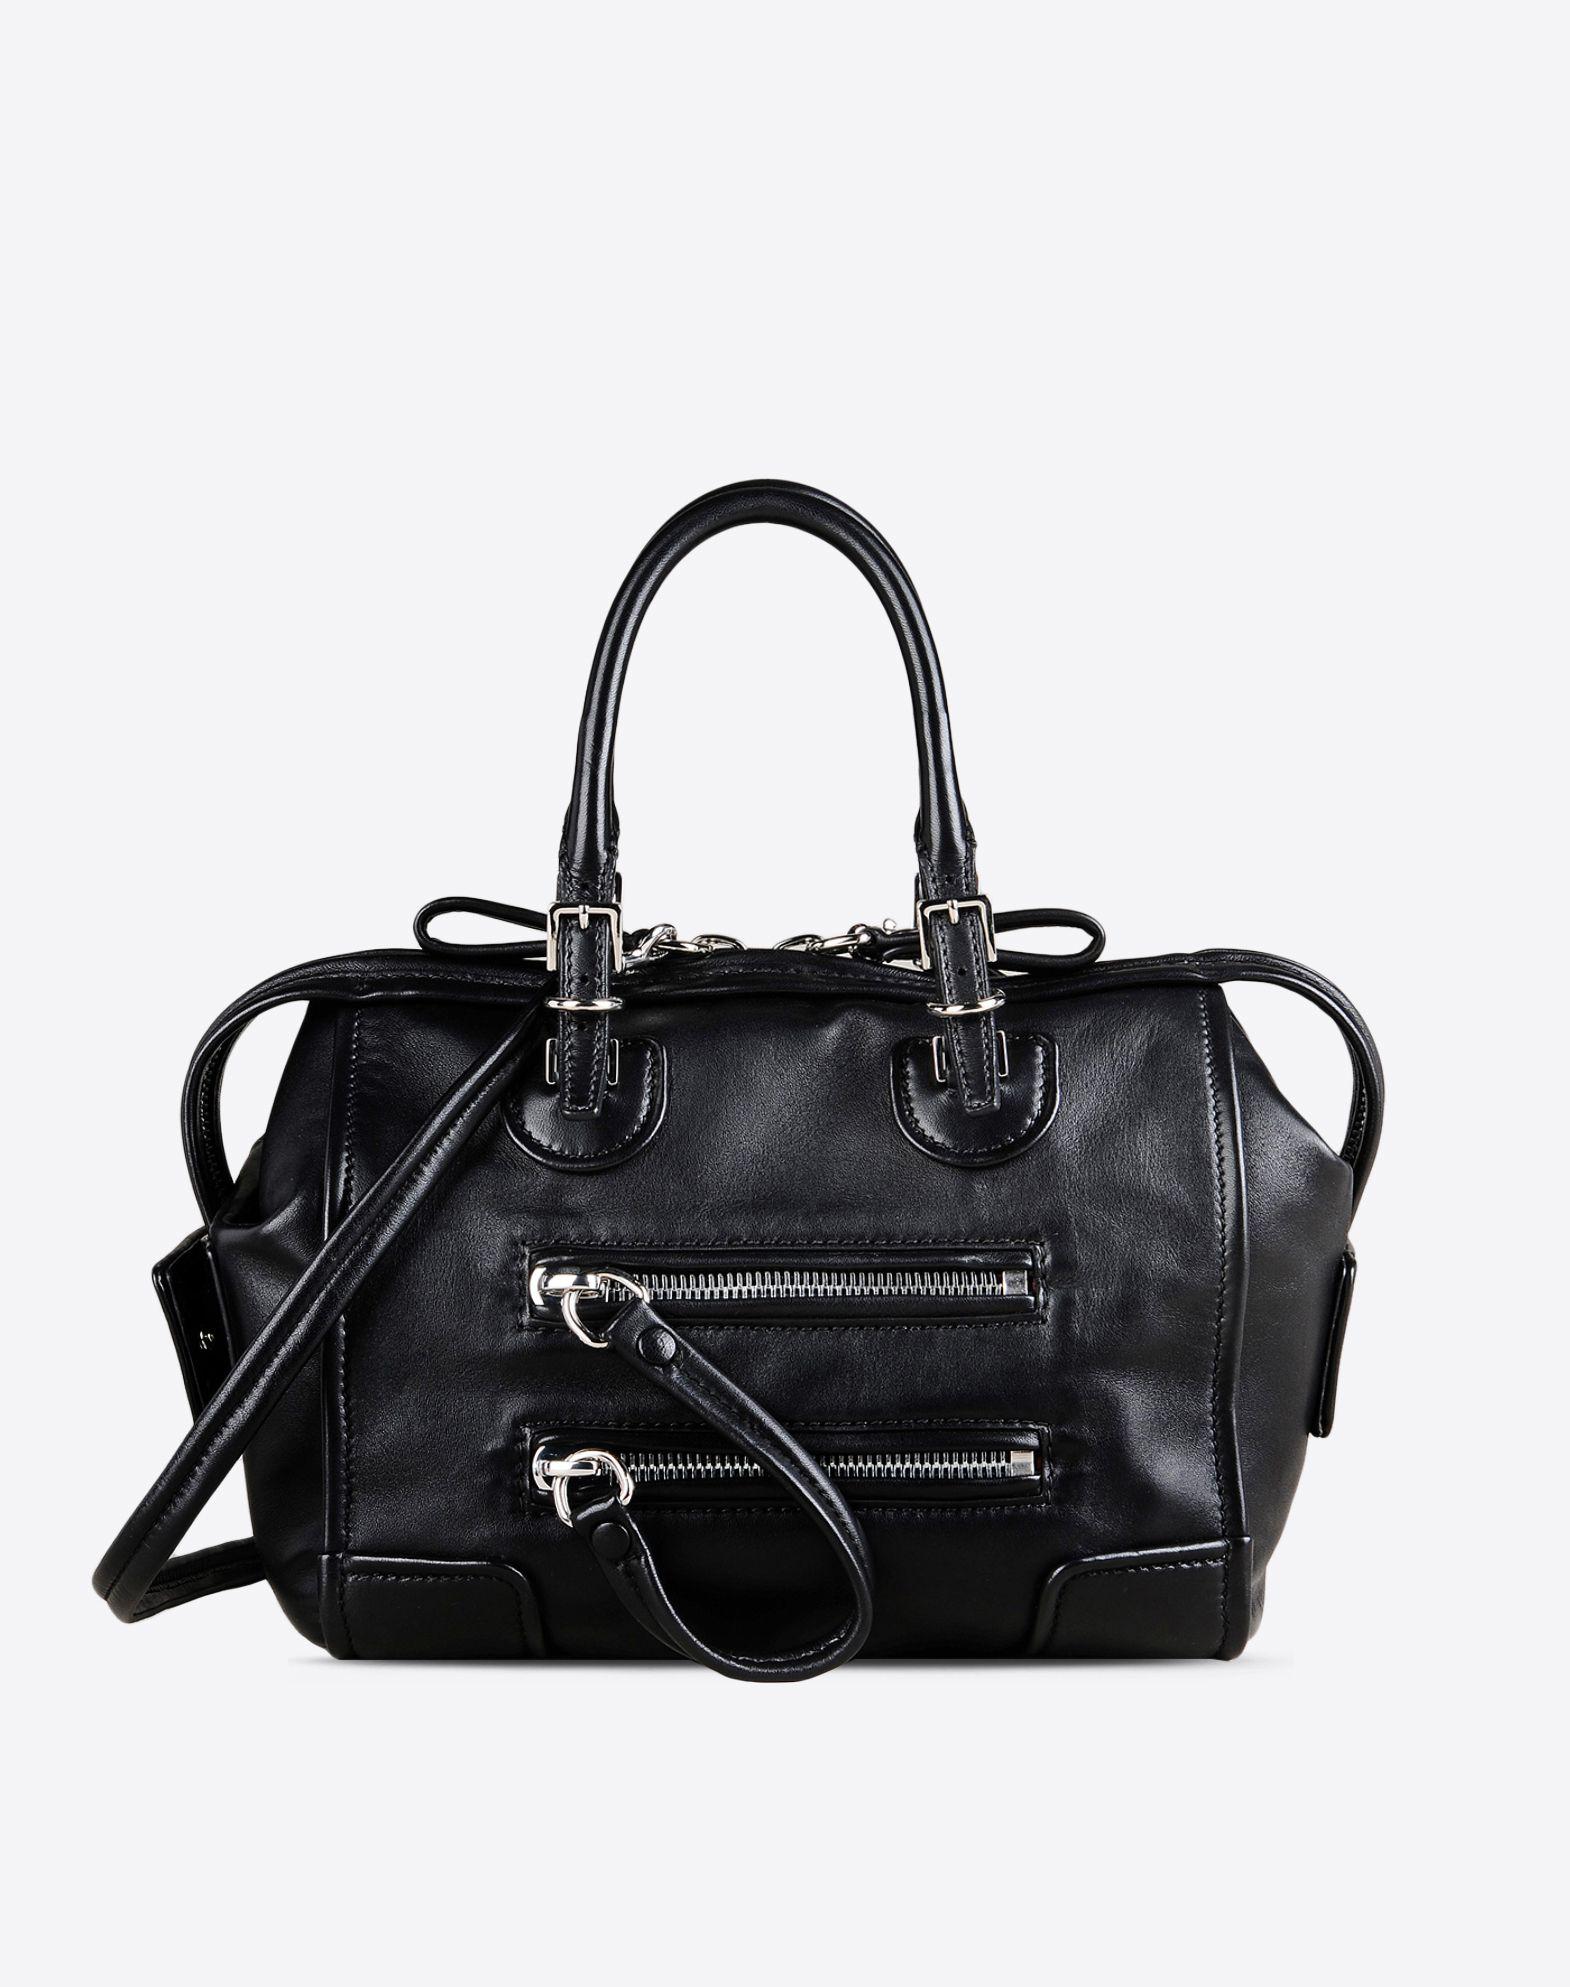 petit sac de voyage en nappa sacs a anse double femme valentino garavani boutique en ligne. Black Bedroom Furniture Sets. Home Design Ideas